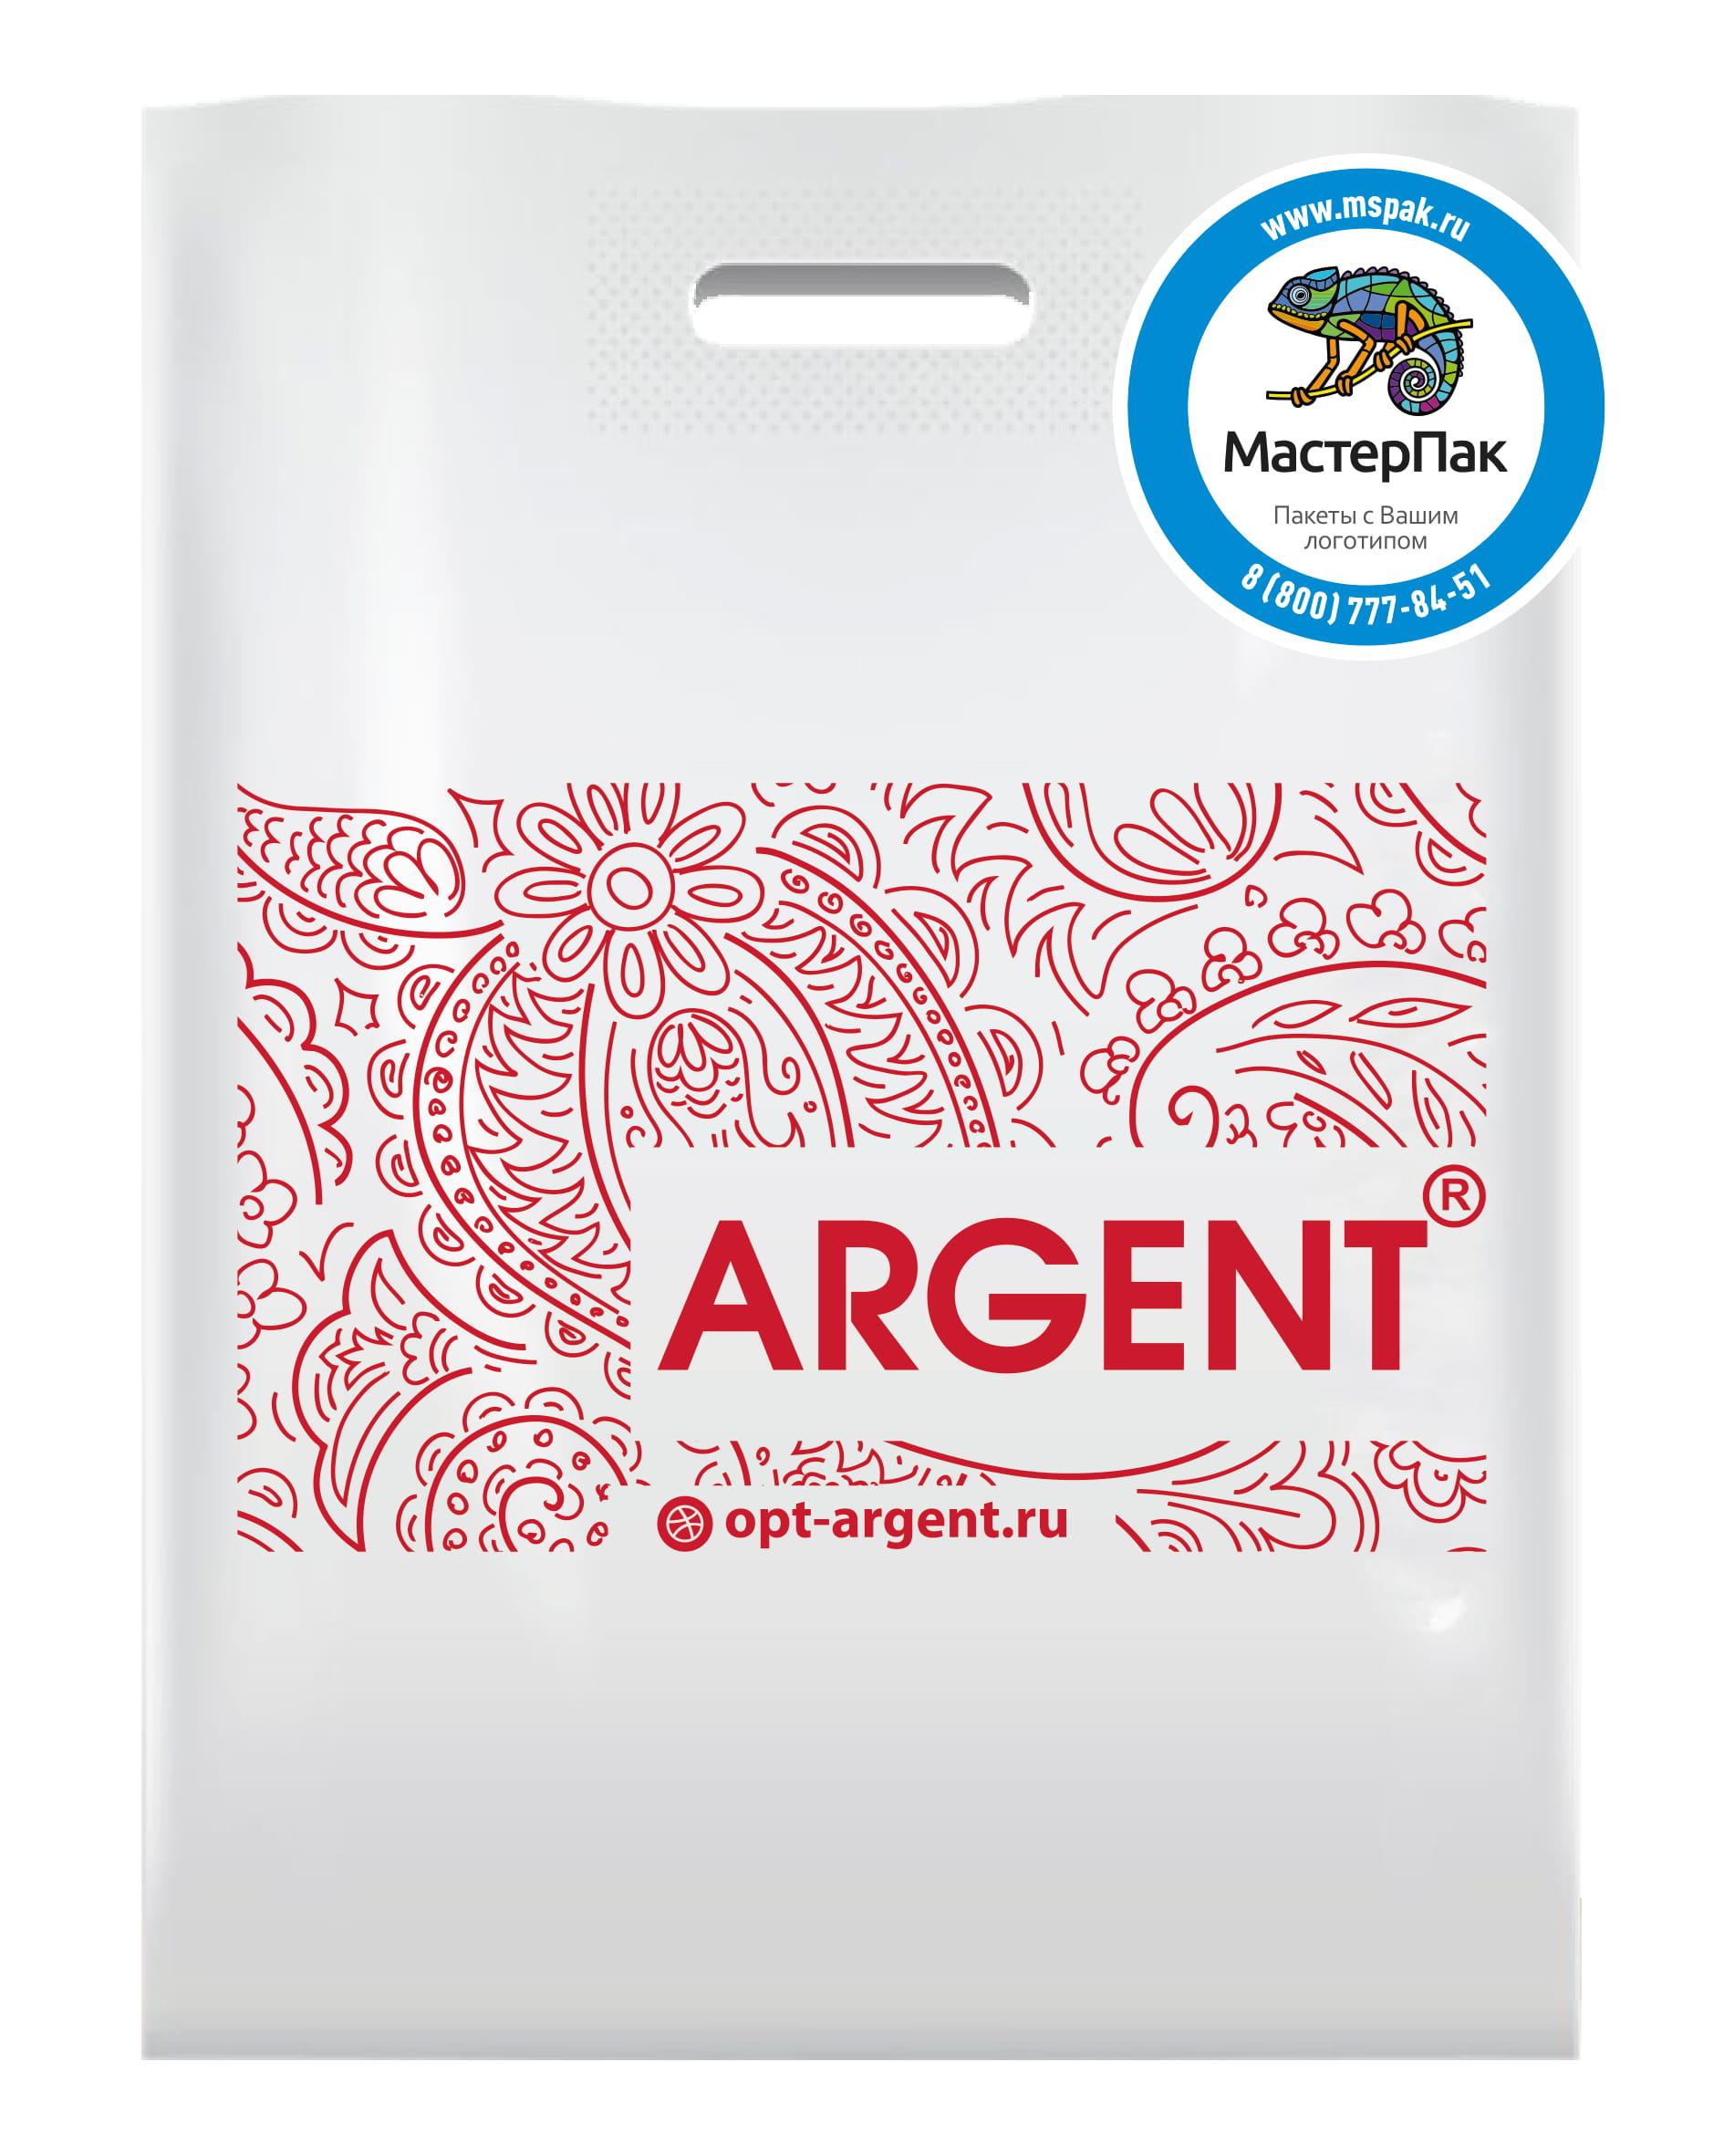 Пакет ПВД с логотипом магазина Argent, 70 мкм, 38*50, белый